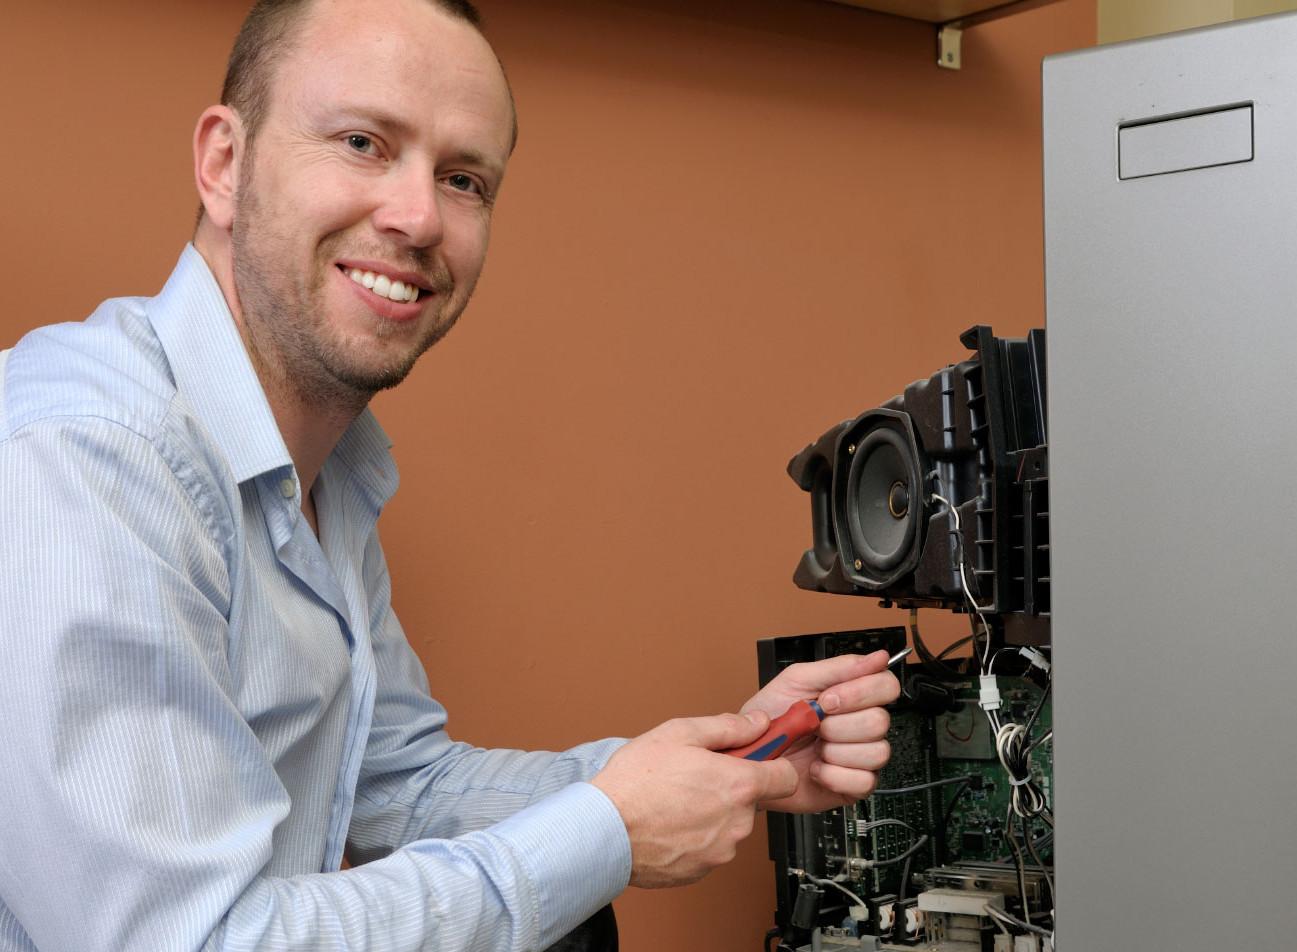 Electronic-Technician-Repair